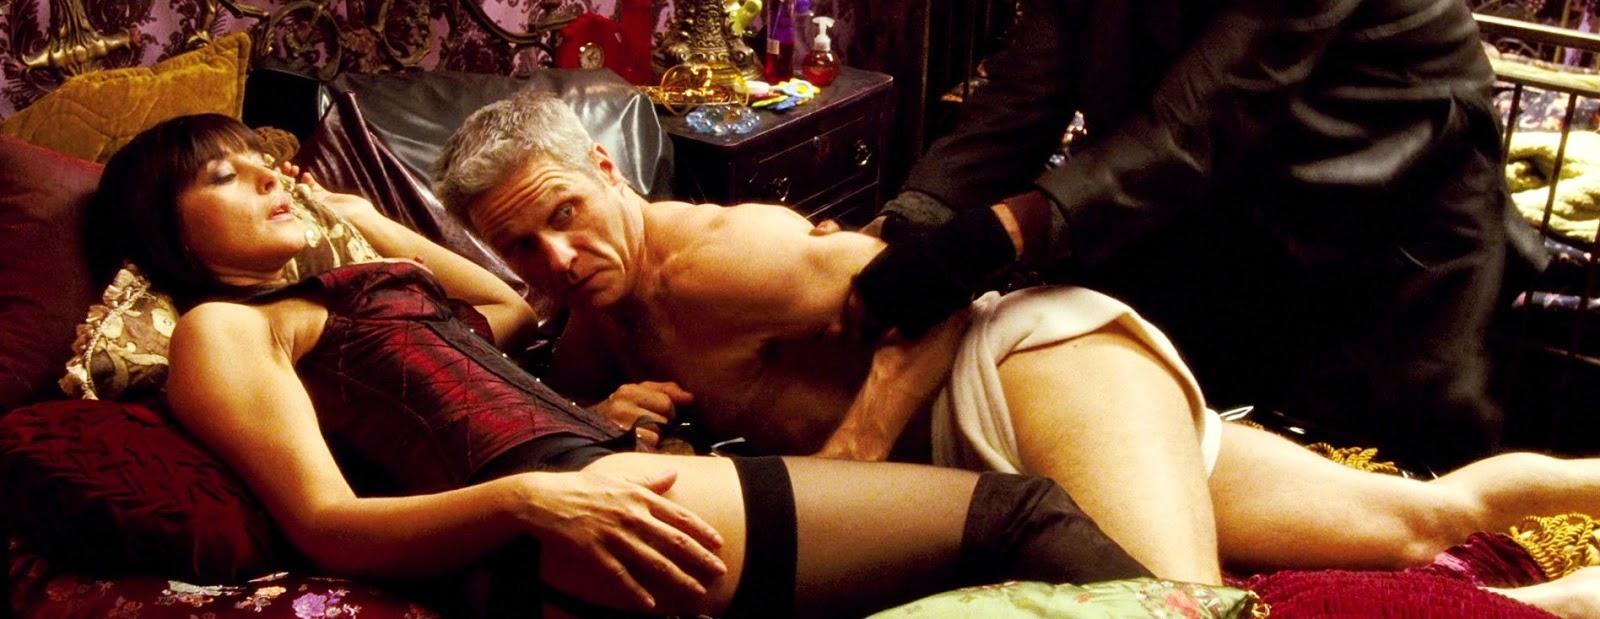 eroticheskie-filmi-v-kinoteatrah